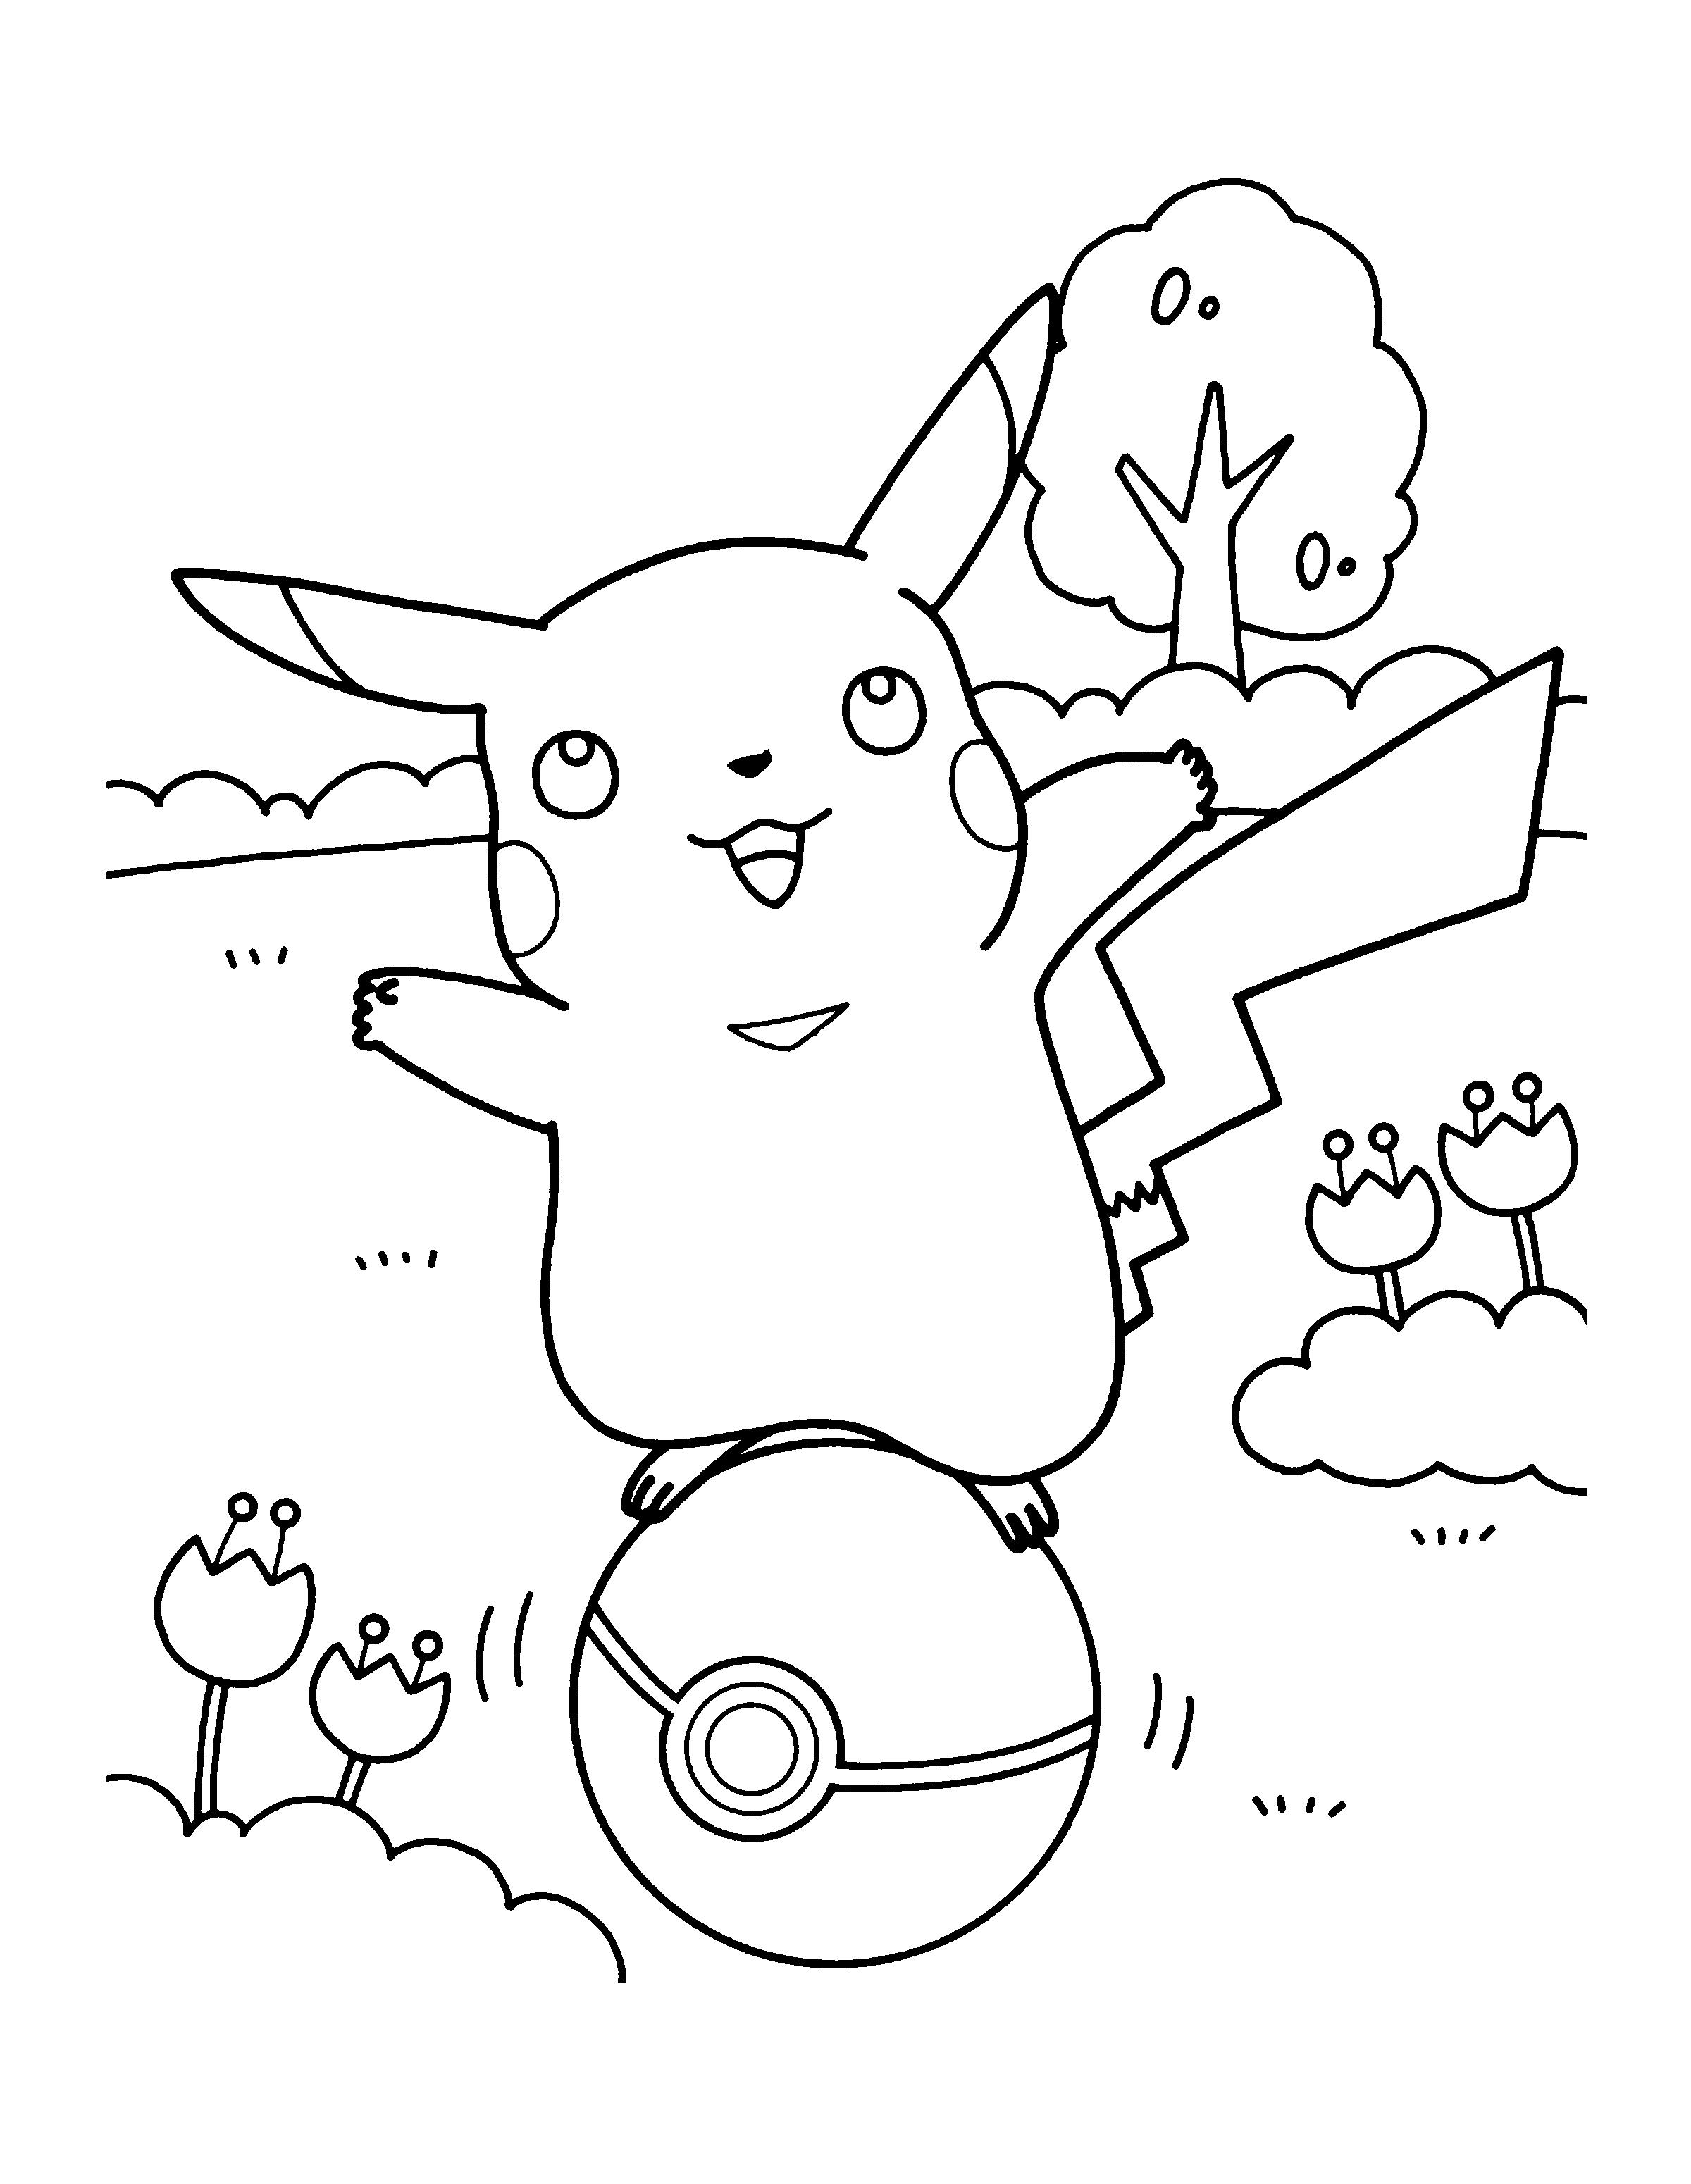 Tranh tô màu pikachu ngoài thiên nhiên